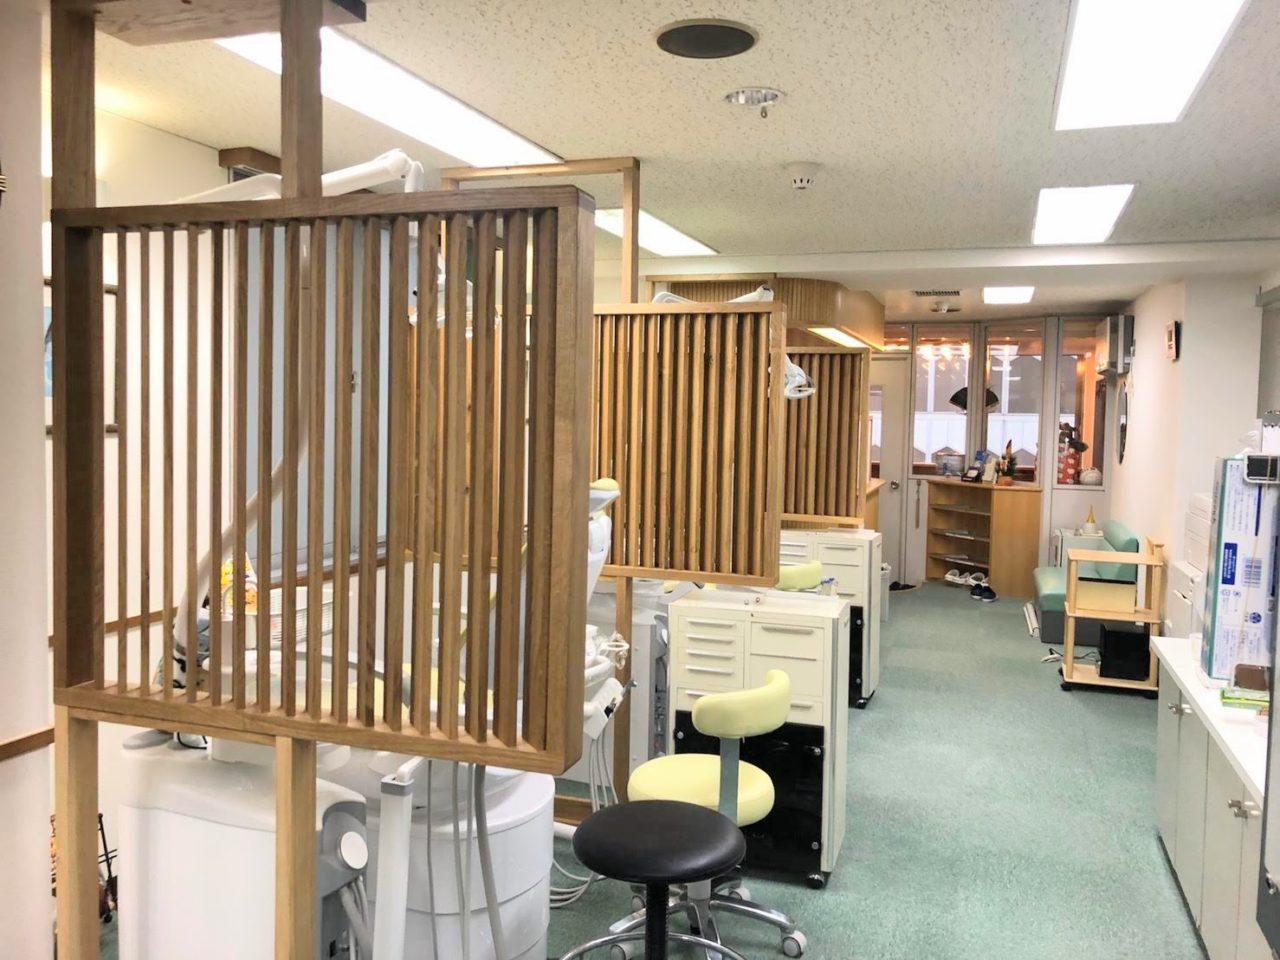 atelier Kibacoさんプロデュースによる、札幌市内の歯科さんの間仕切りなどを製作取付けしました(昨年末)。  道産ナラ材をふんだんに使ったルーバーの間仕切りや、カウンター、扉交換などを致しました。